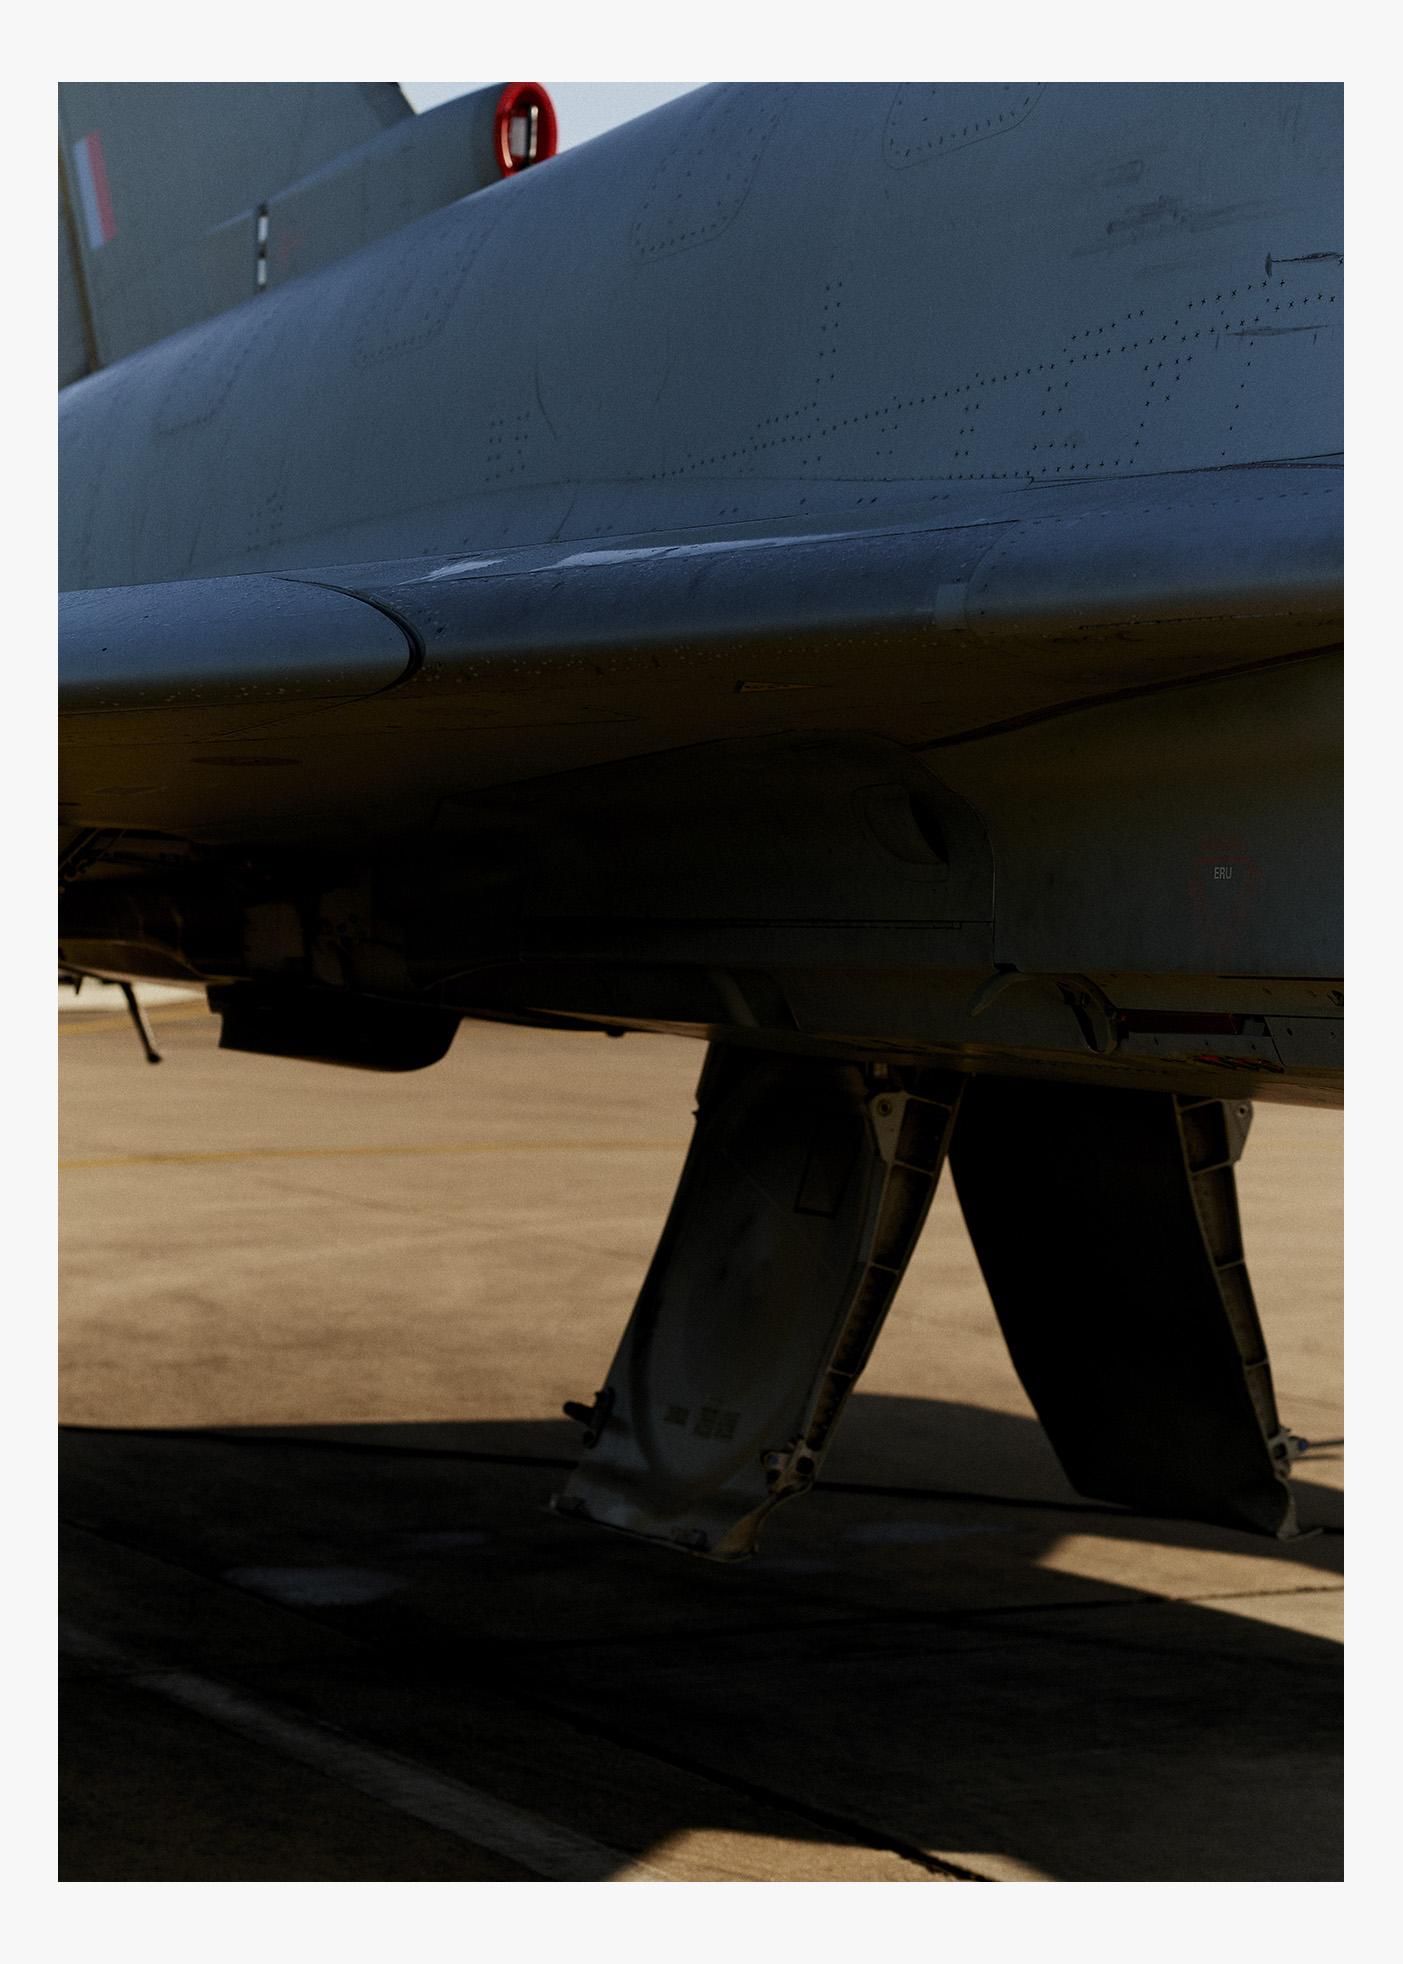 RAF_CONINGSBY__100NC_D5_581.jpg